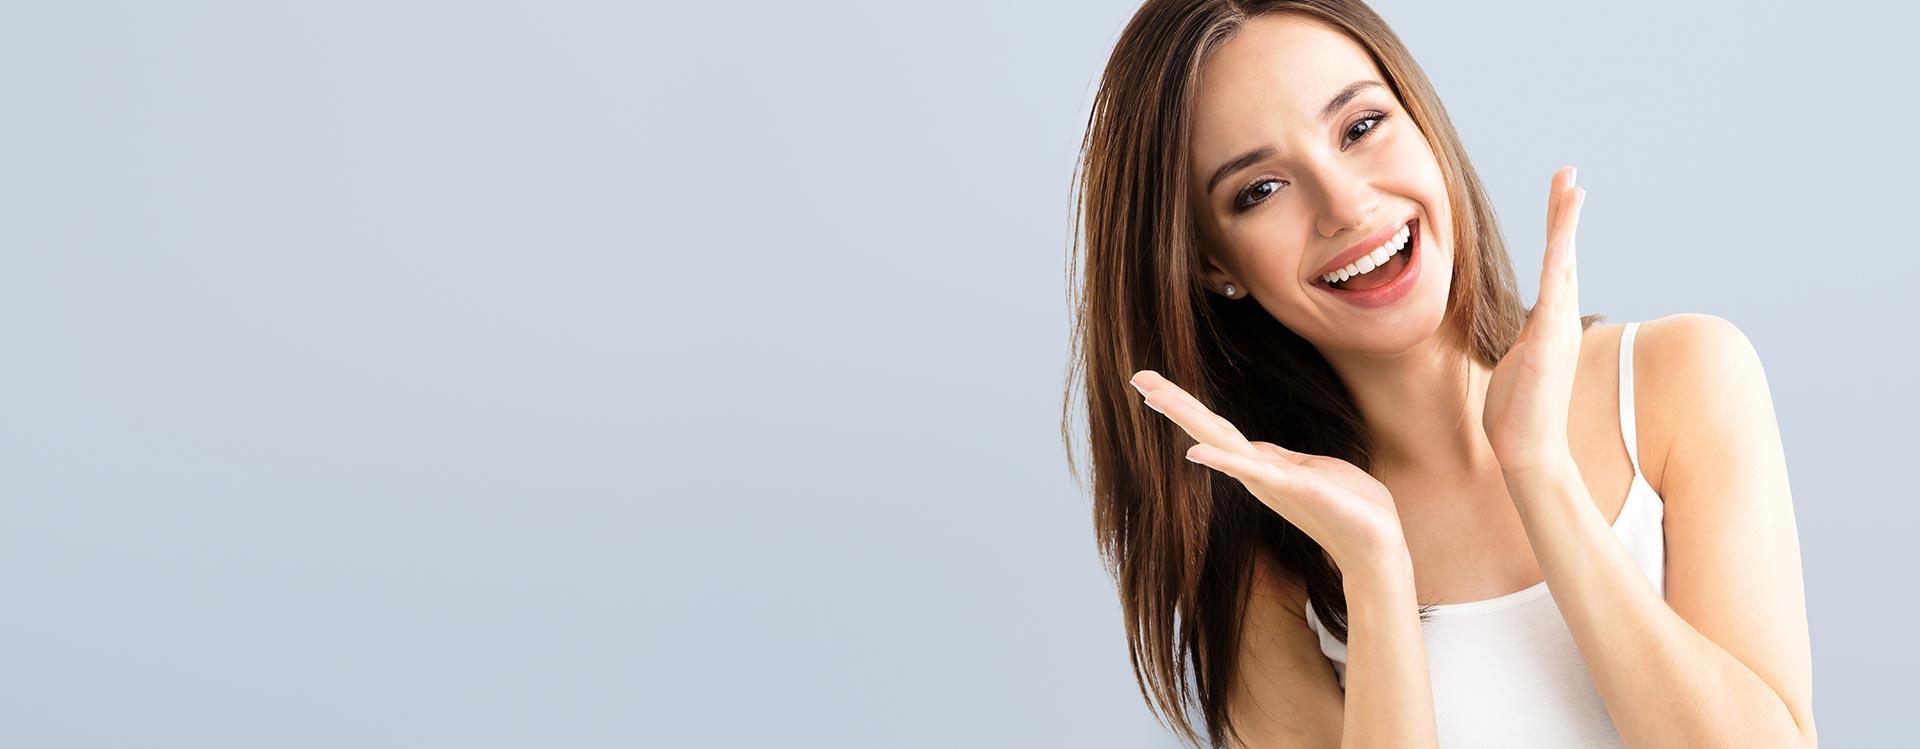 © vgstudio - stock.adobe.com